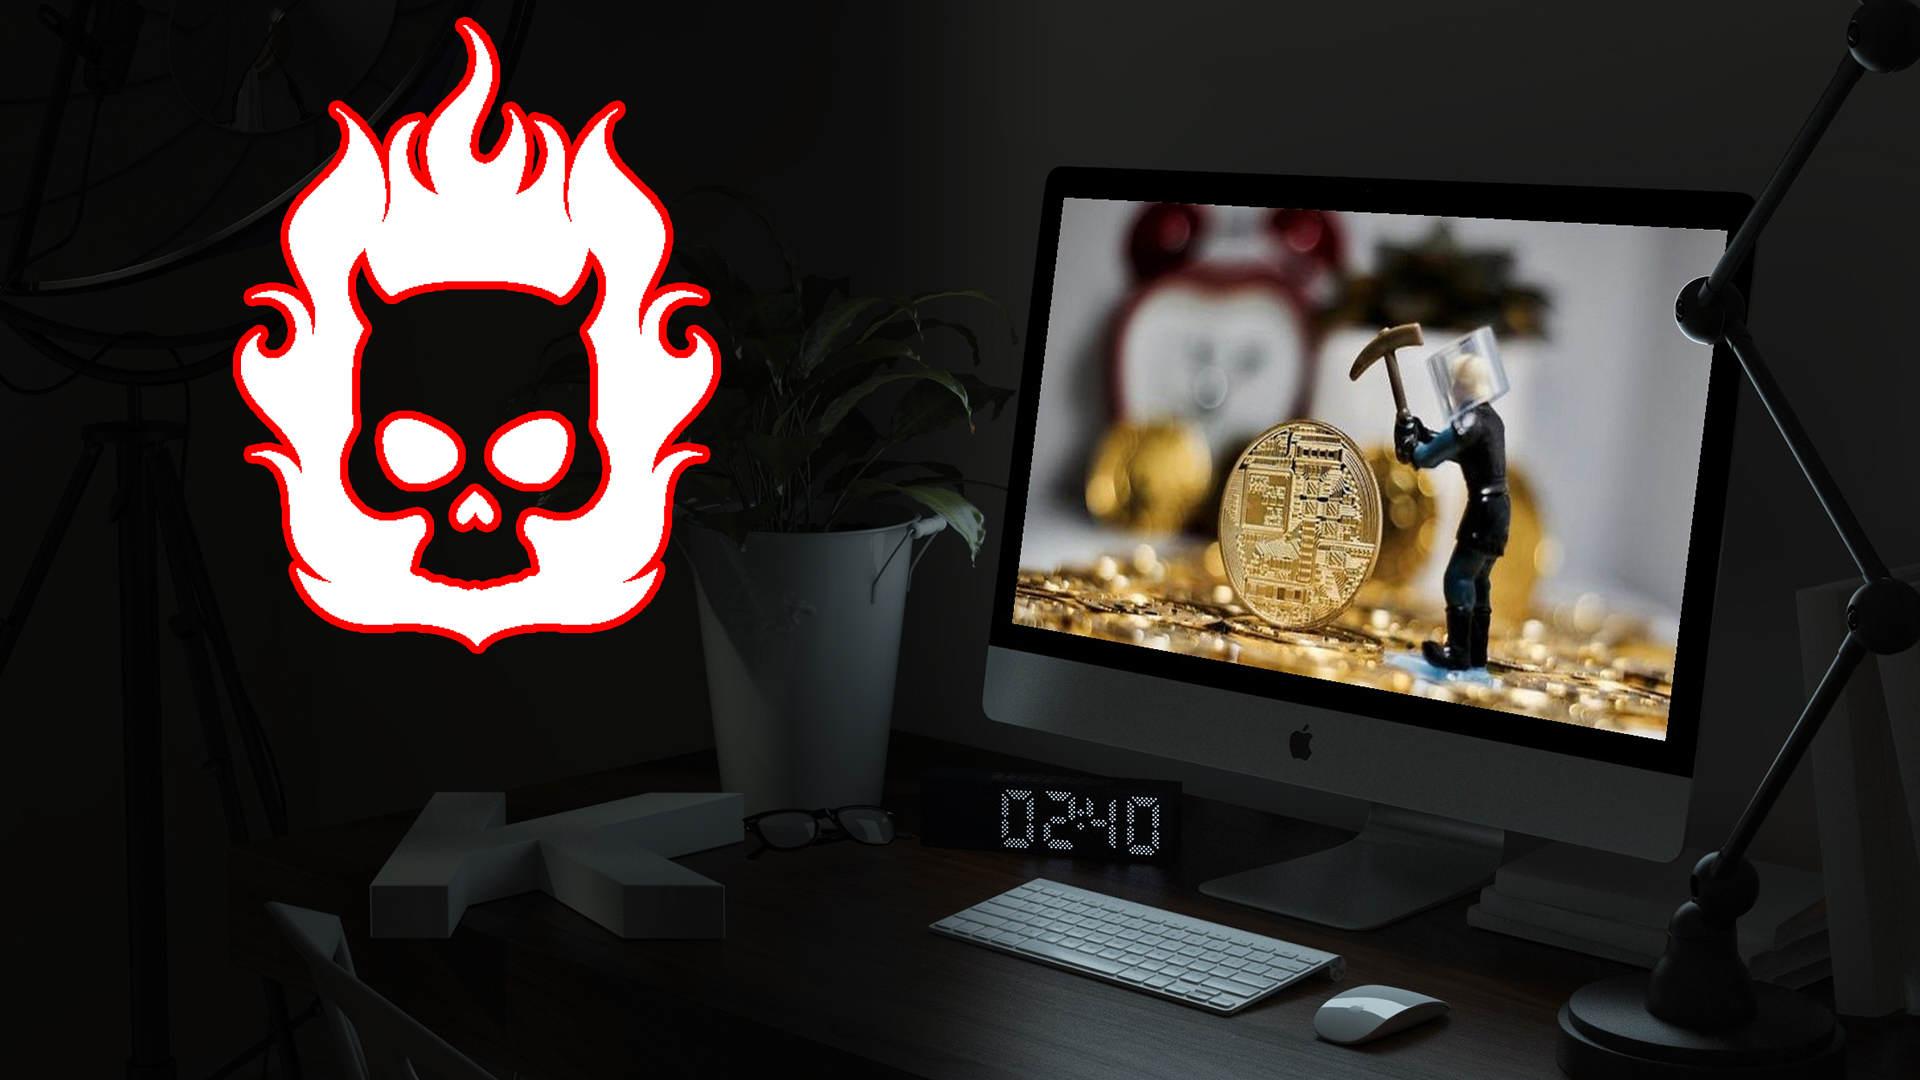 هشدار تیم توسعه دهنده لجر در مورد ضعف امنیتی در نرم افزار مونرو